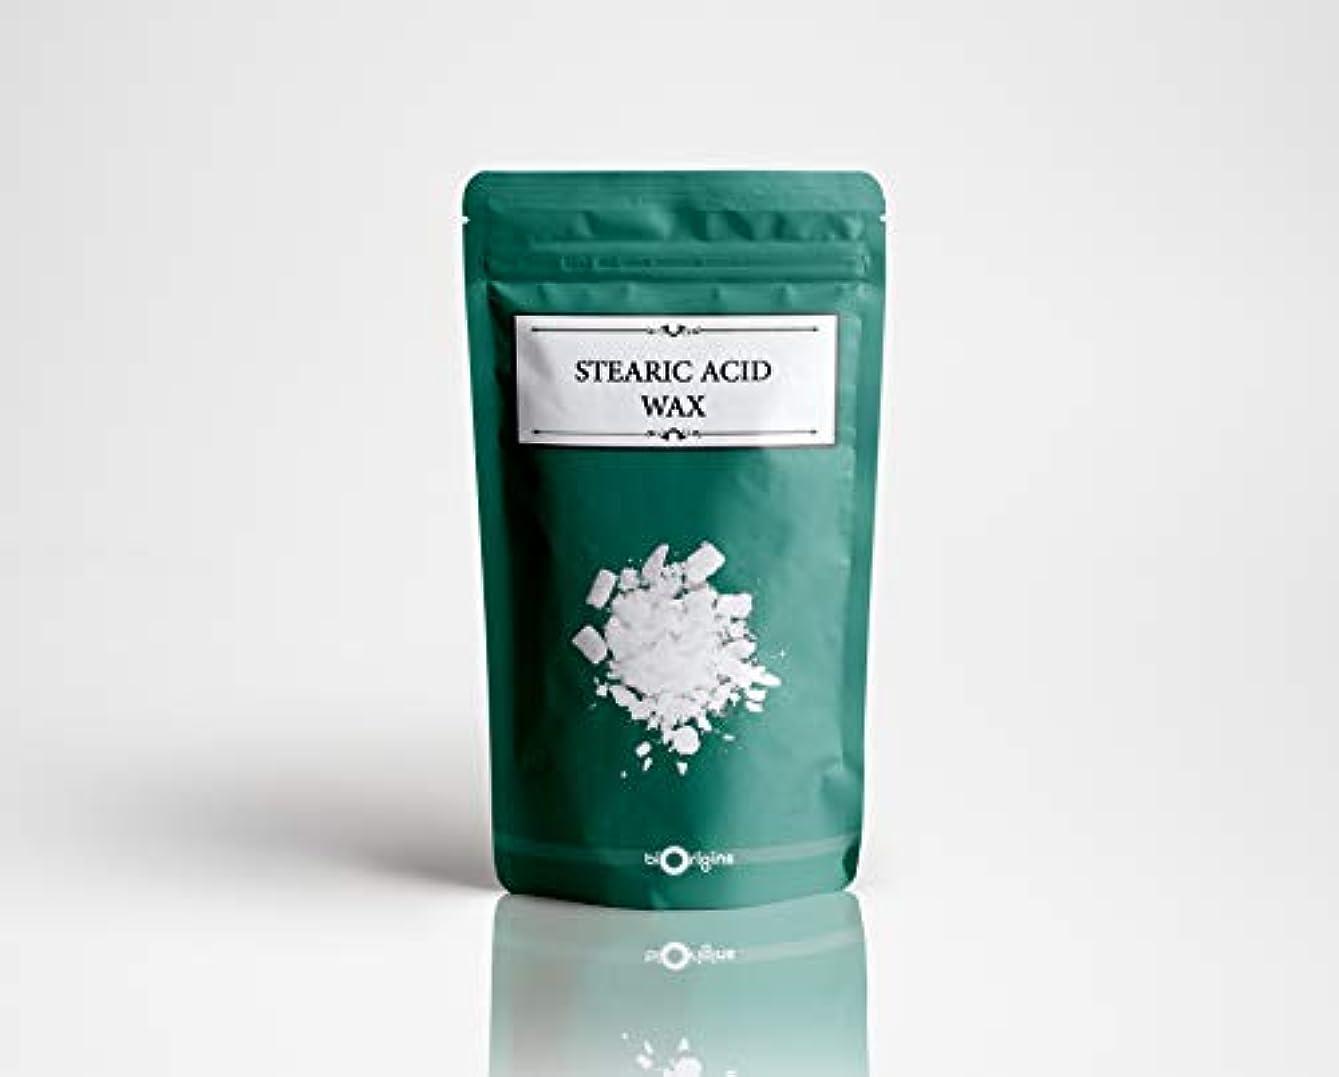 動かすブランド名市長Stearic Acid Wax 100g